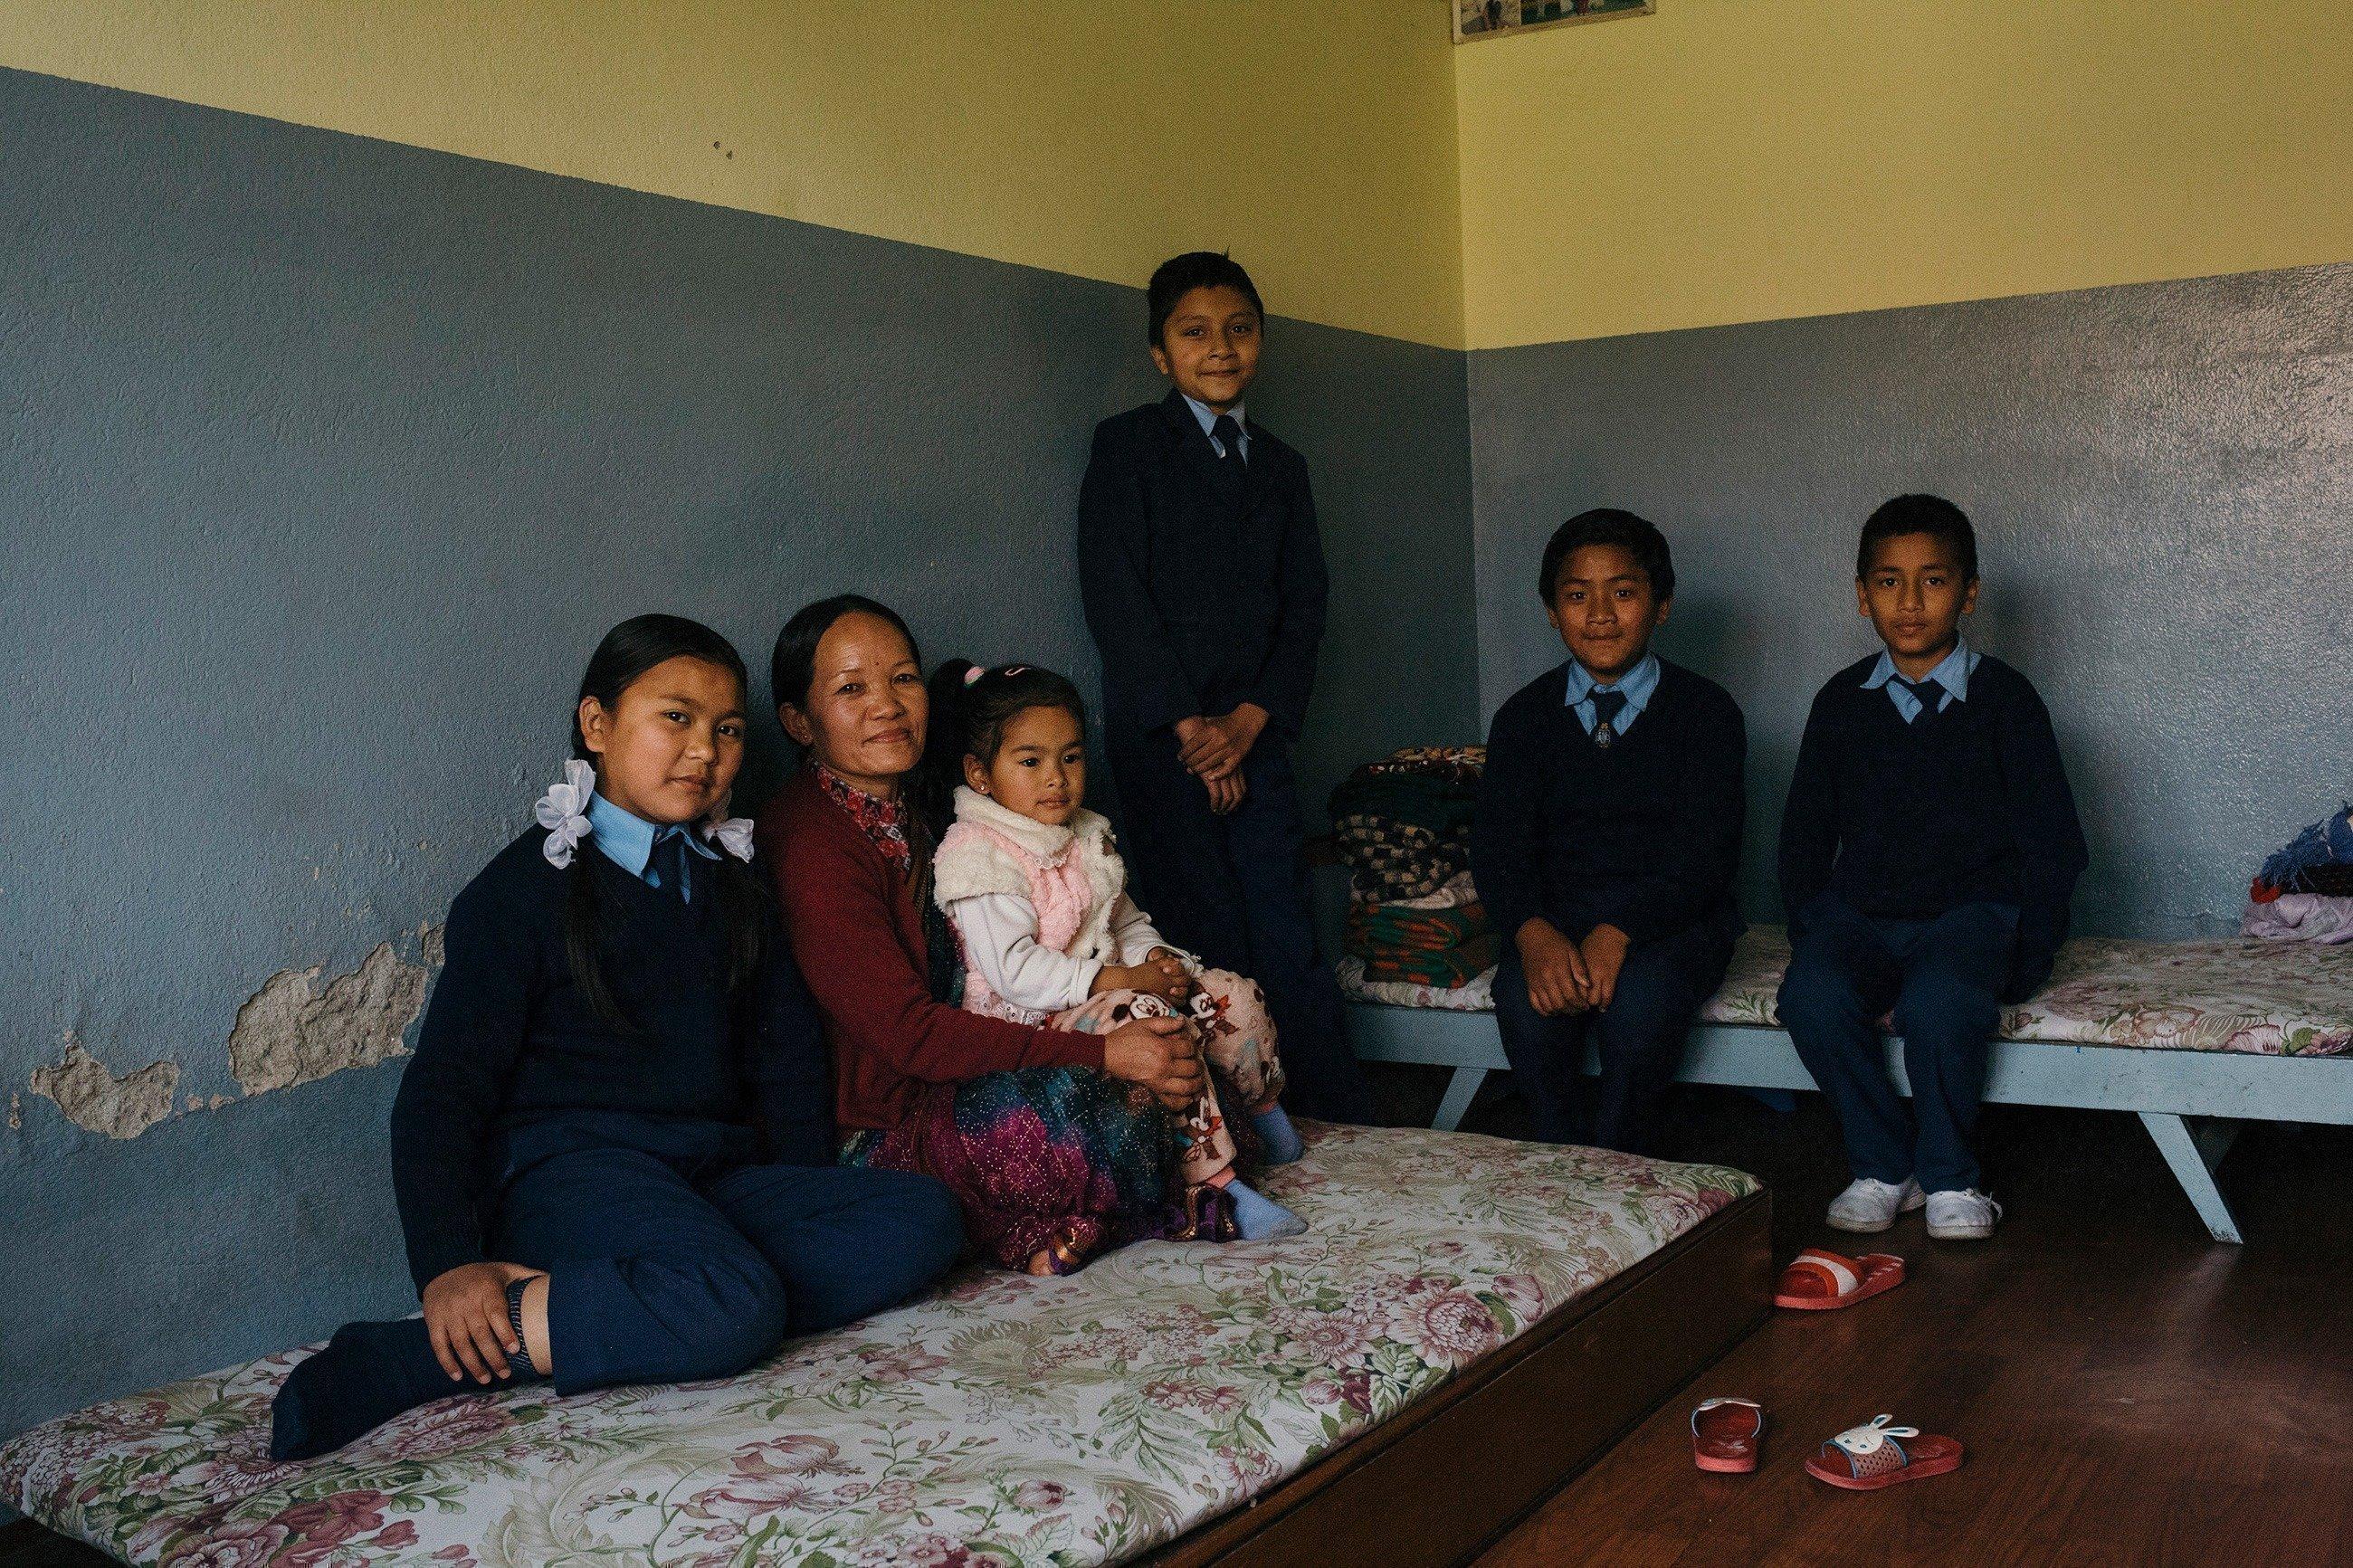 Una famiglia siede in una stanza su letti provvisori.